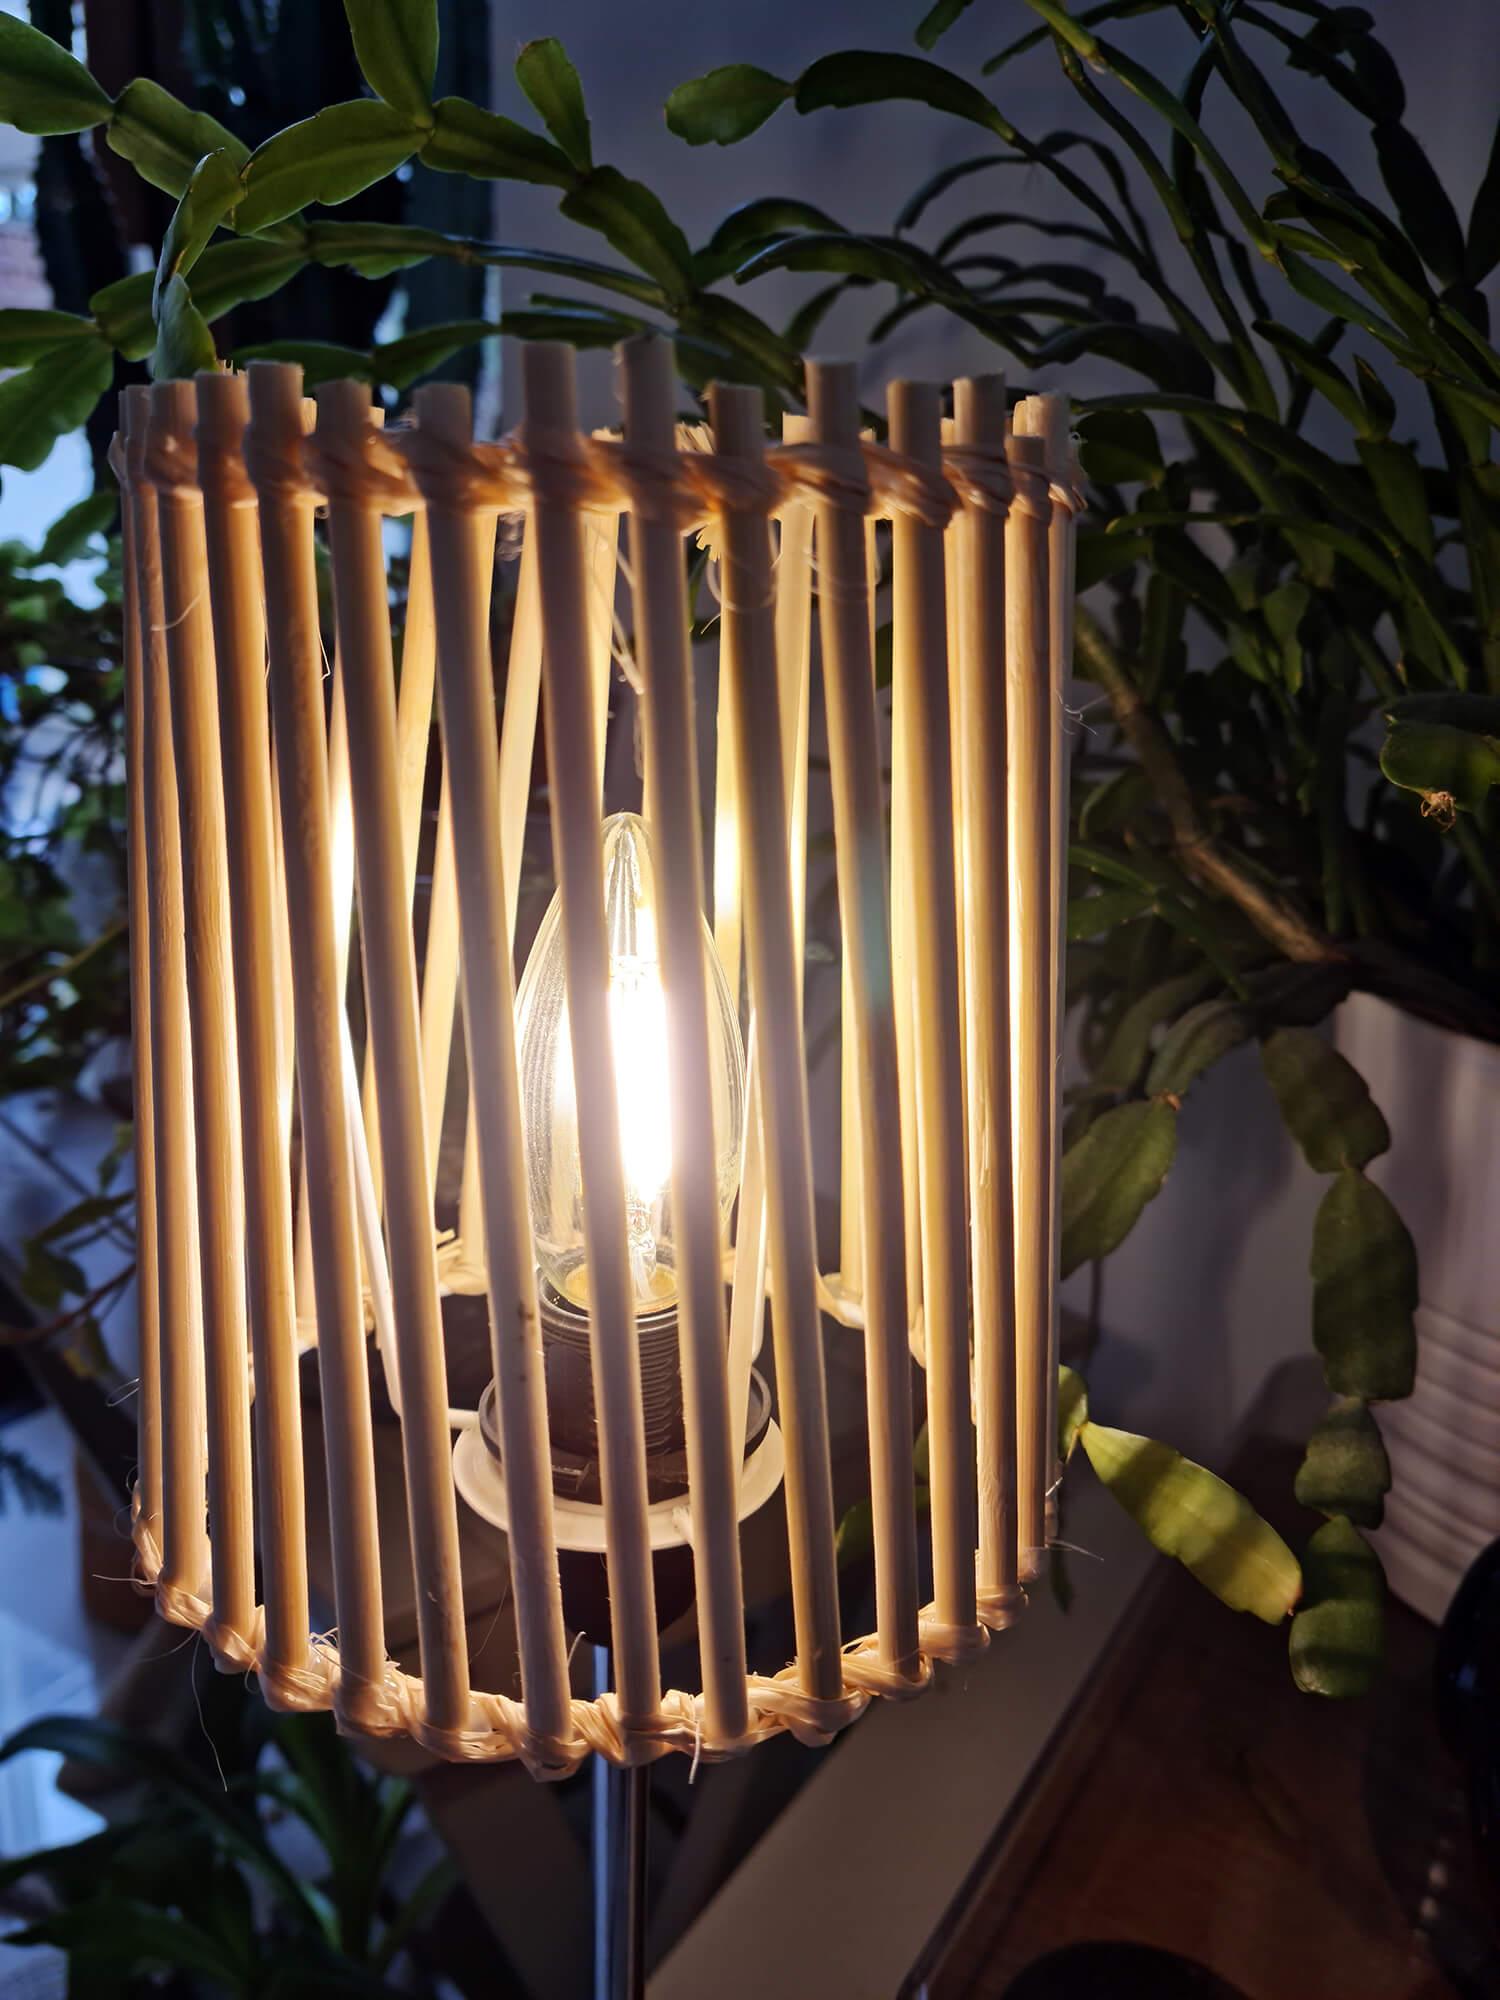 20210409 151101 - Fabriquer une lampe nature en bois pour diffuser une lumière douce